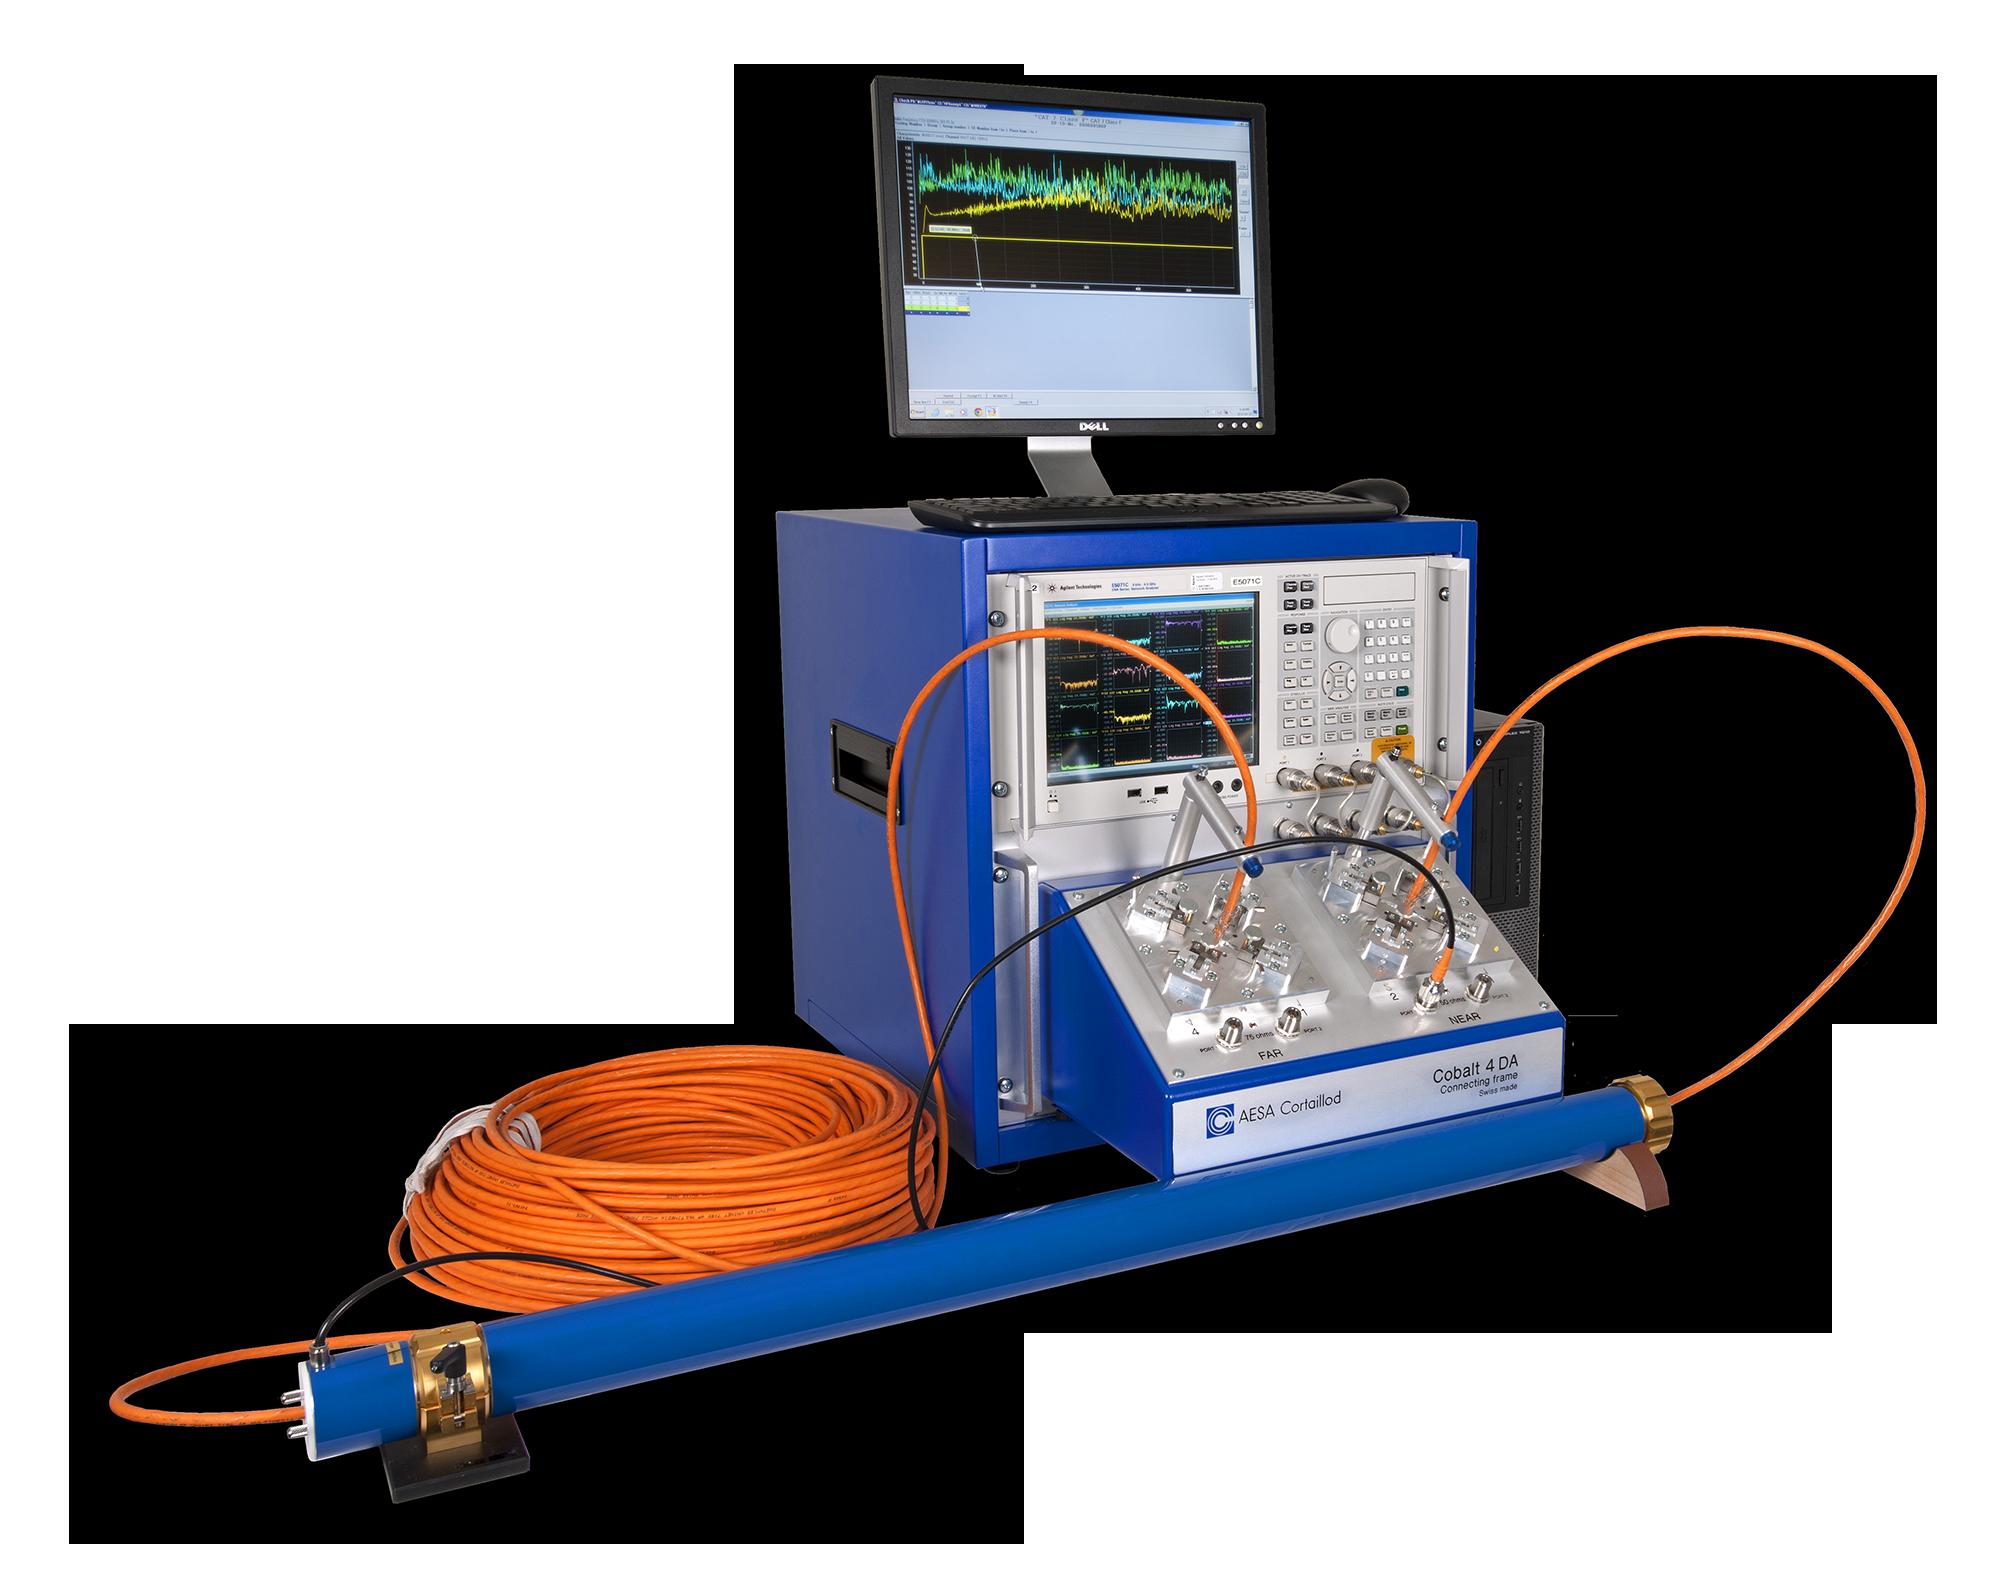 LAN (balunless) : Cobalt - AESA Cortaillod